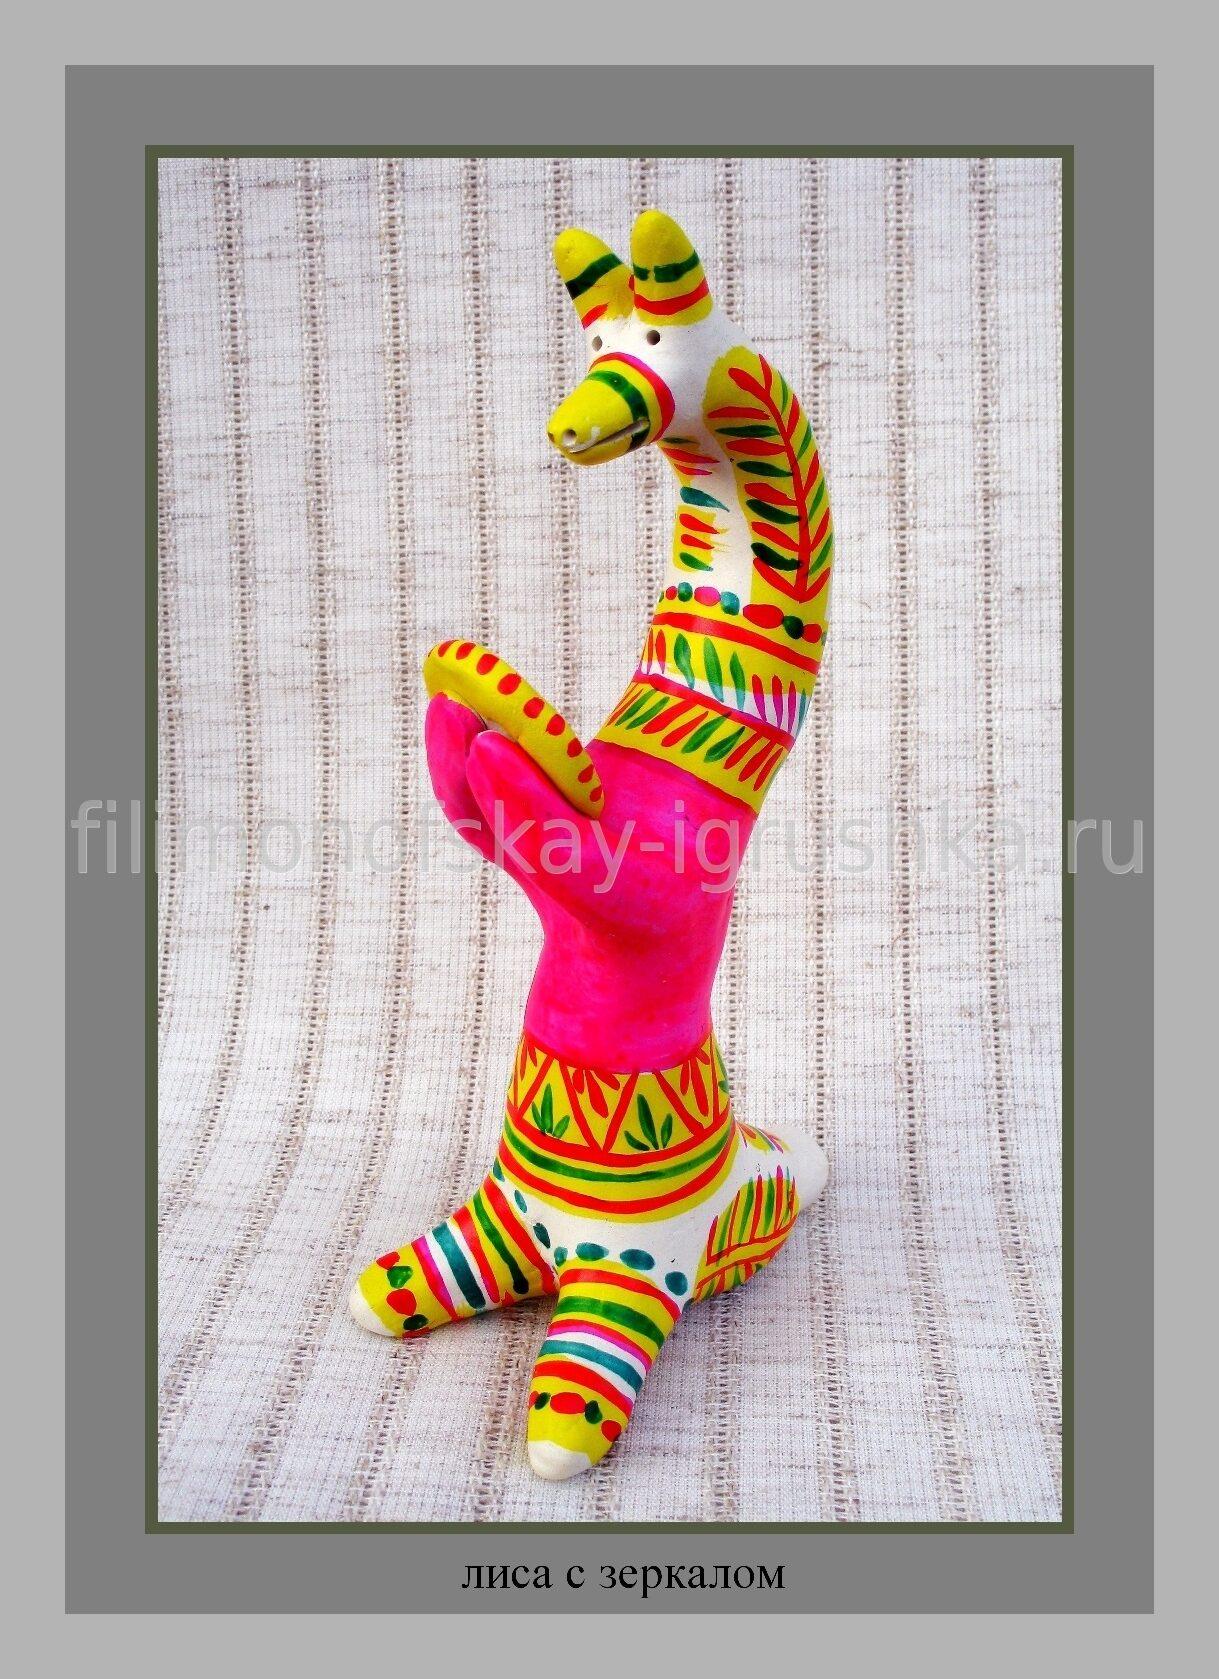 Фото игрушки гуфи резиновый со сфистулькой 20 фотография